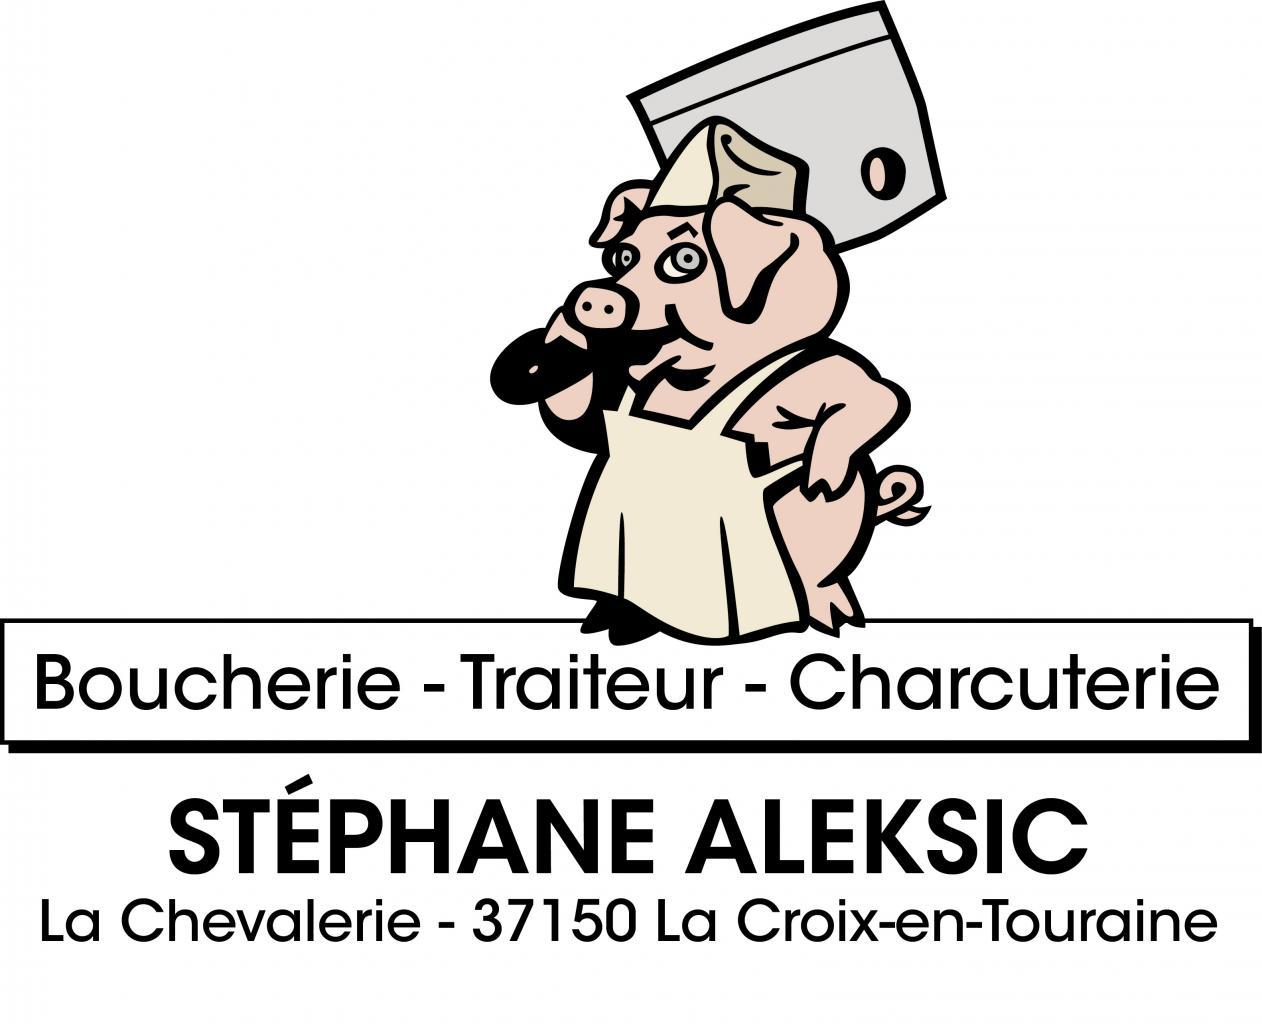 Boucherie – Charcuterie – Traiteur / Stéphane ALEKSIC